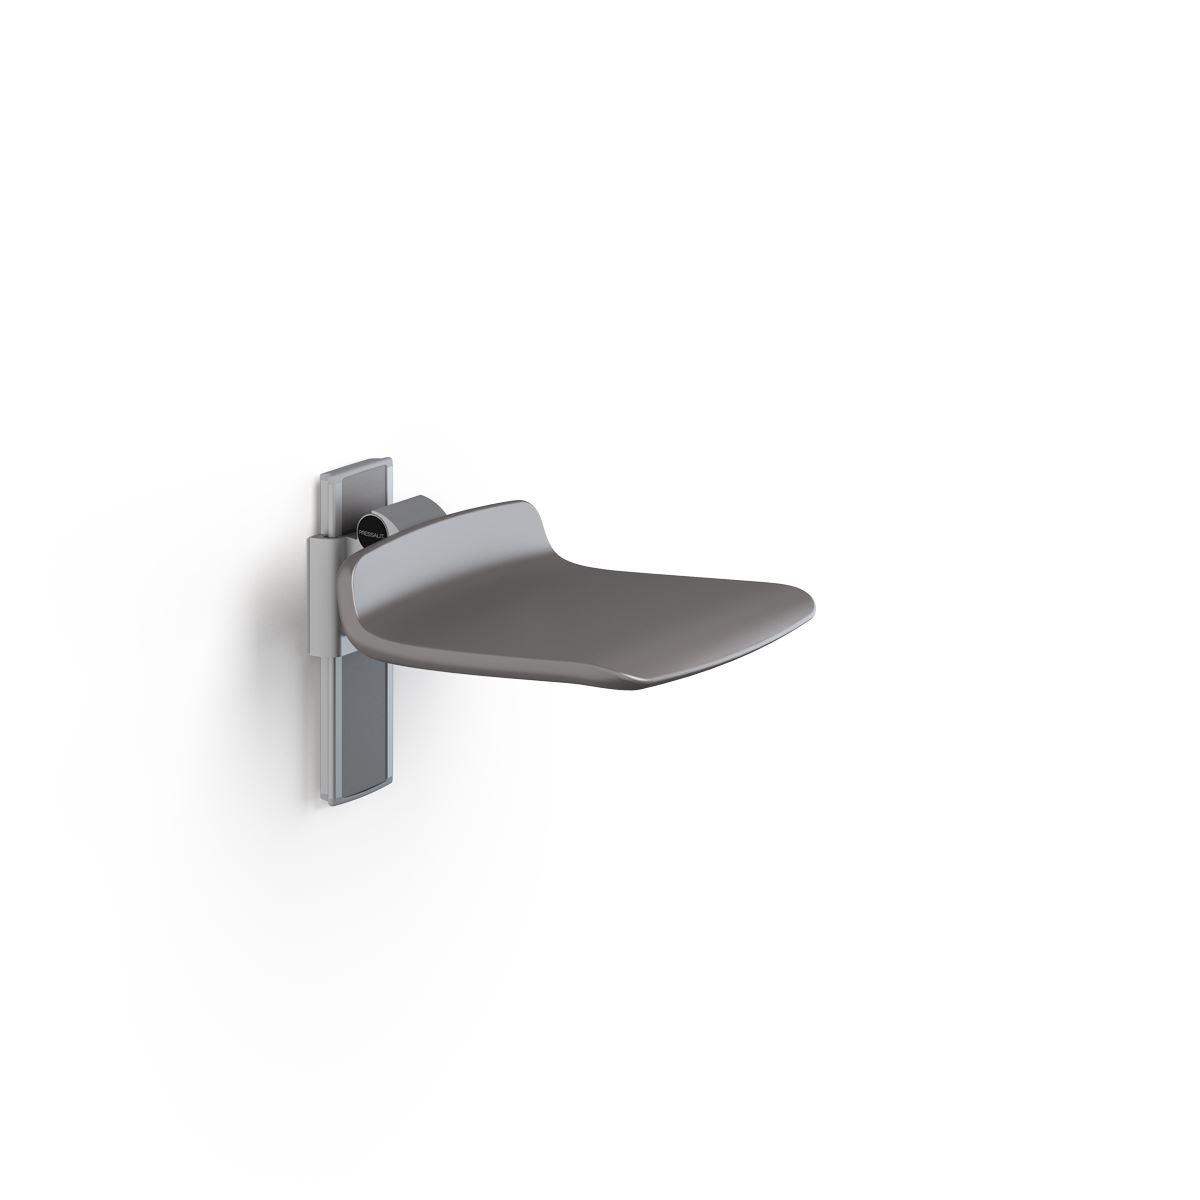 PLUS siège de douche 450, réglable en hauteur manuellement